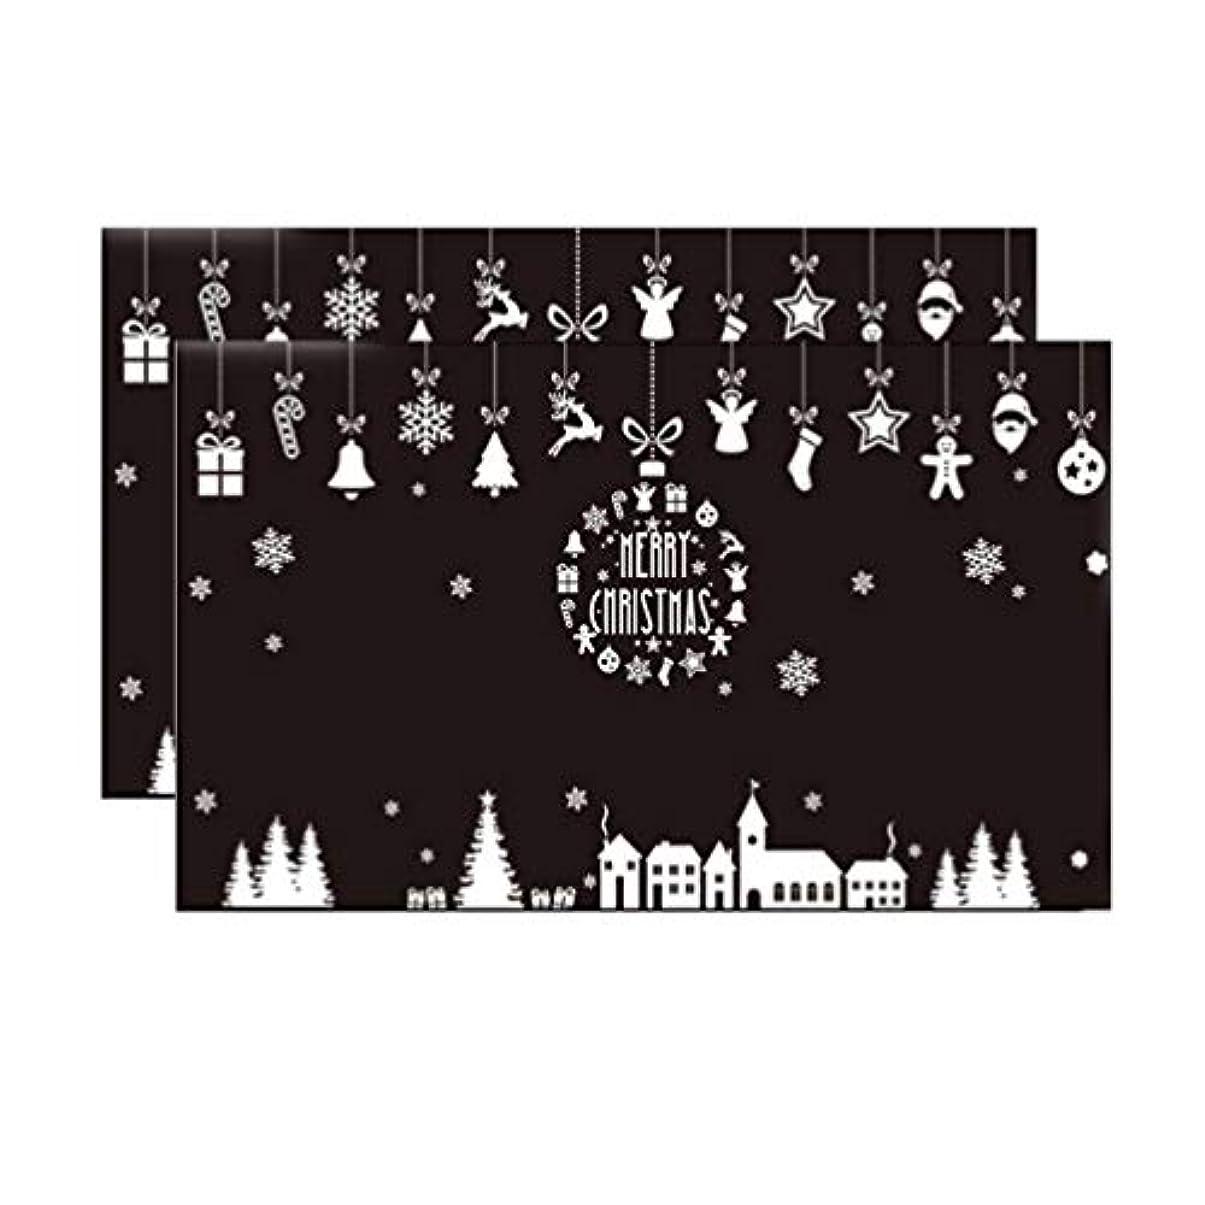 セラフイサカ確認SUPVOX 2枚のクリスマスウィンドウにしがみつく装飾スノーフレークウィンドウデカールステッカークリスマス冬のホリデーパーティー用品好意